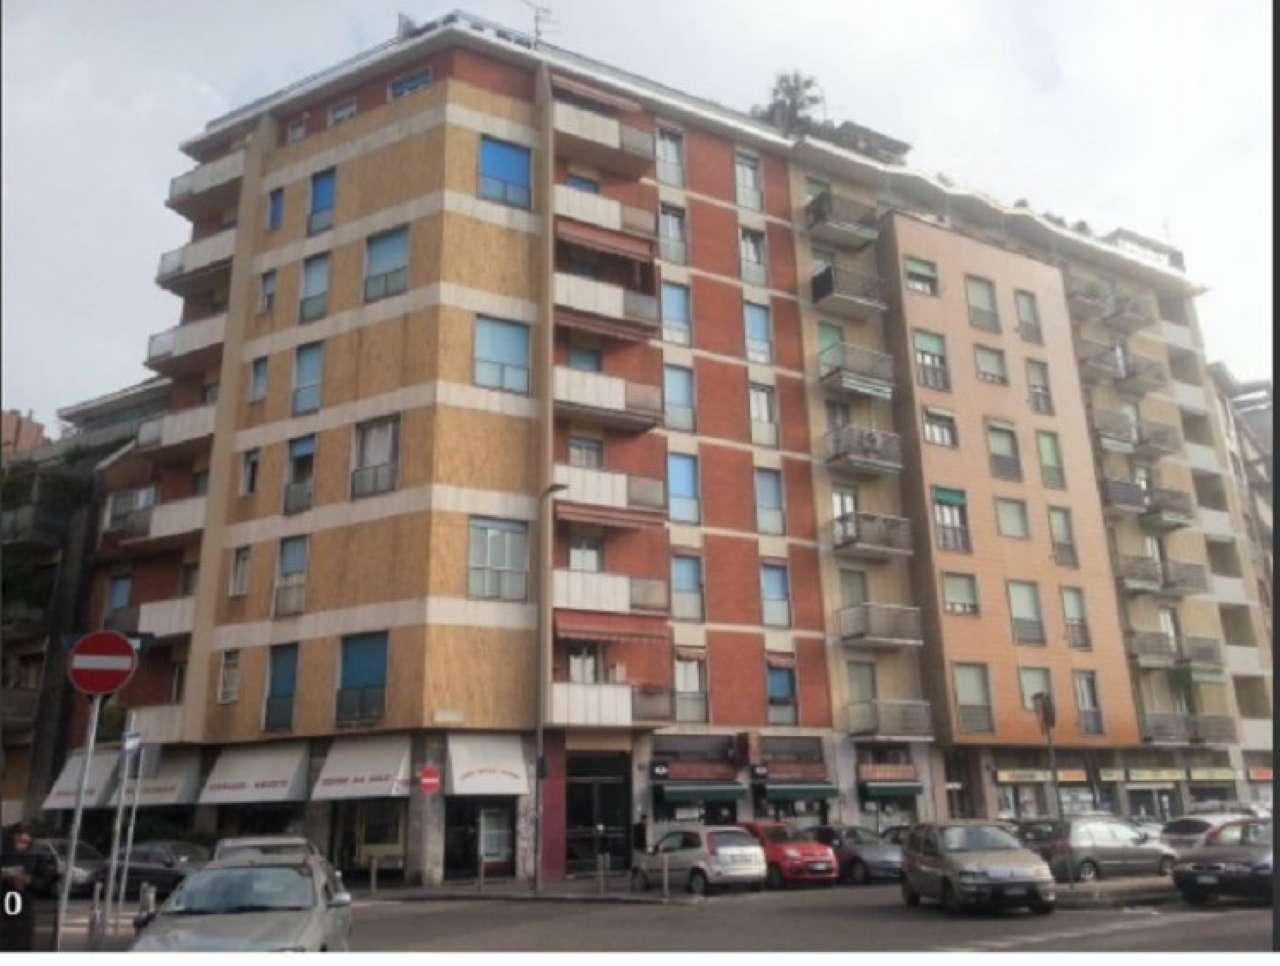 Appartamento in affitto a Milano, 2 locali, zona Zona: 3 . Bicocca, Greco, Monza, Palmanova, Padova, prezzo € 950 | Cambio Casa.it